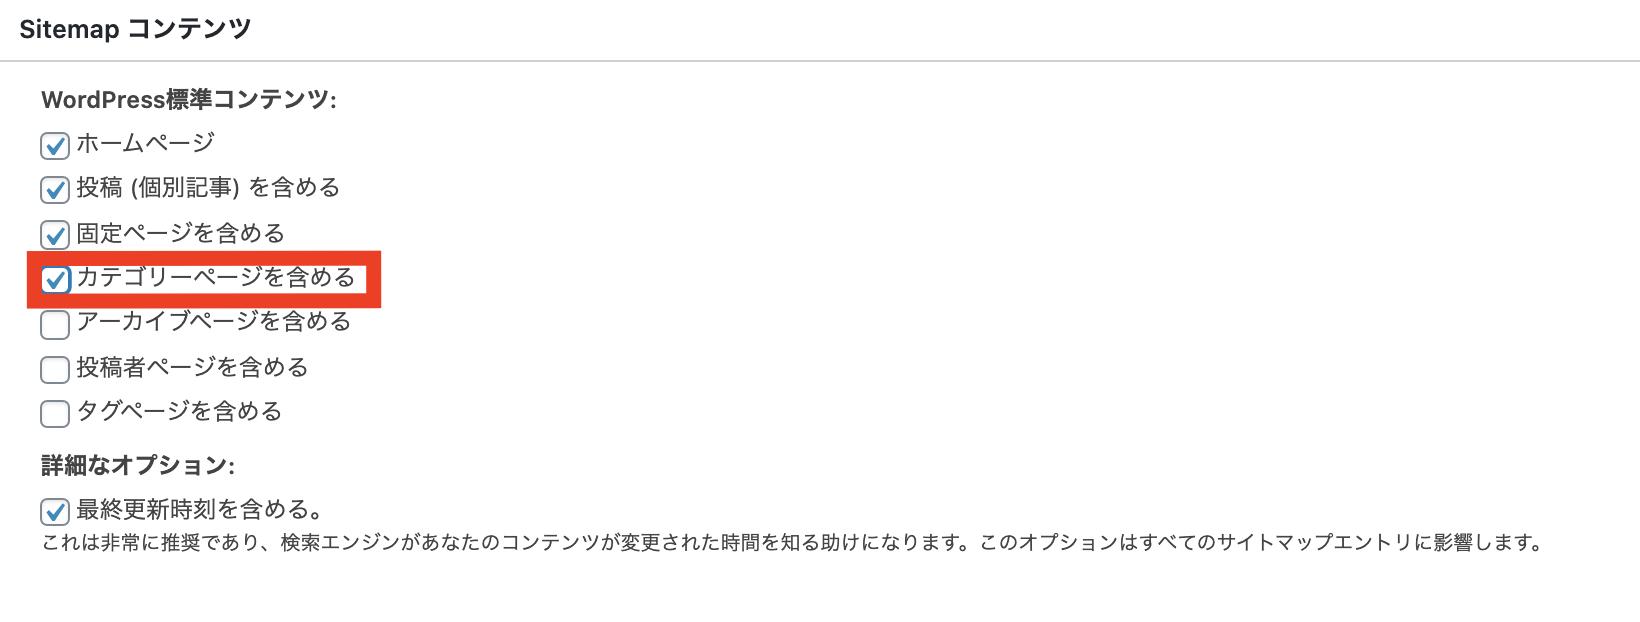 スクリーンショット 2020-05-17 11.46.59